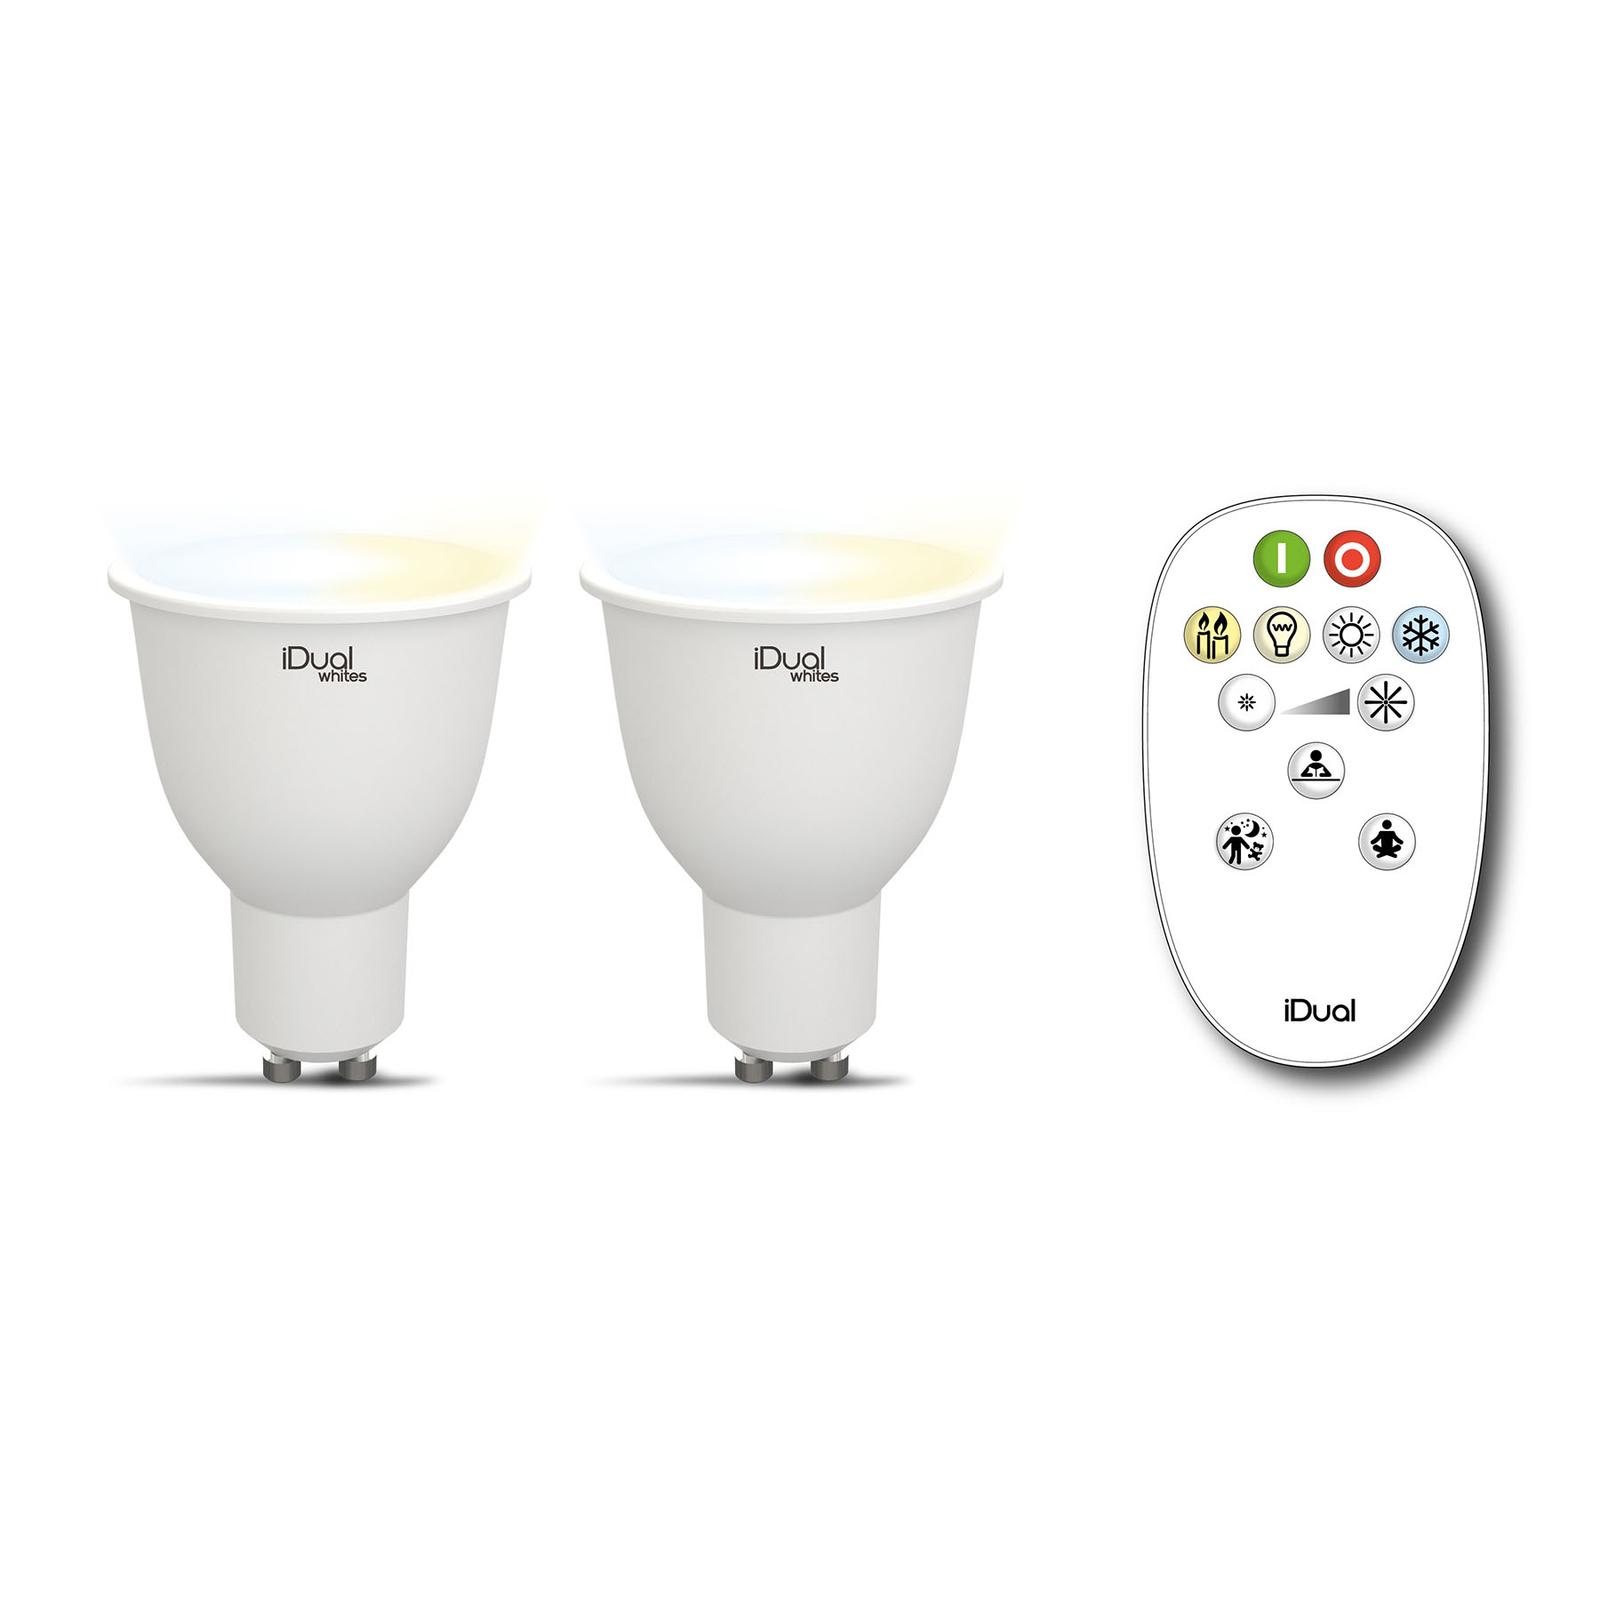 iDual Whites 2 réflecteurs GU10 5,8W télécommande